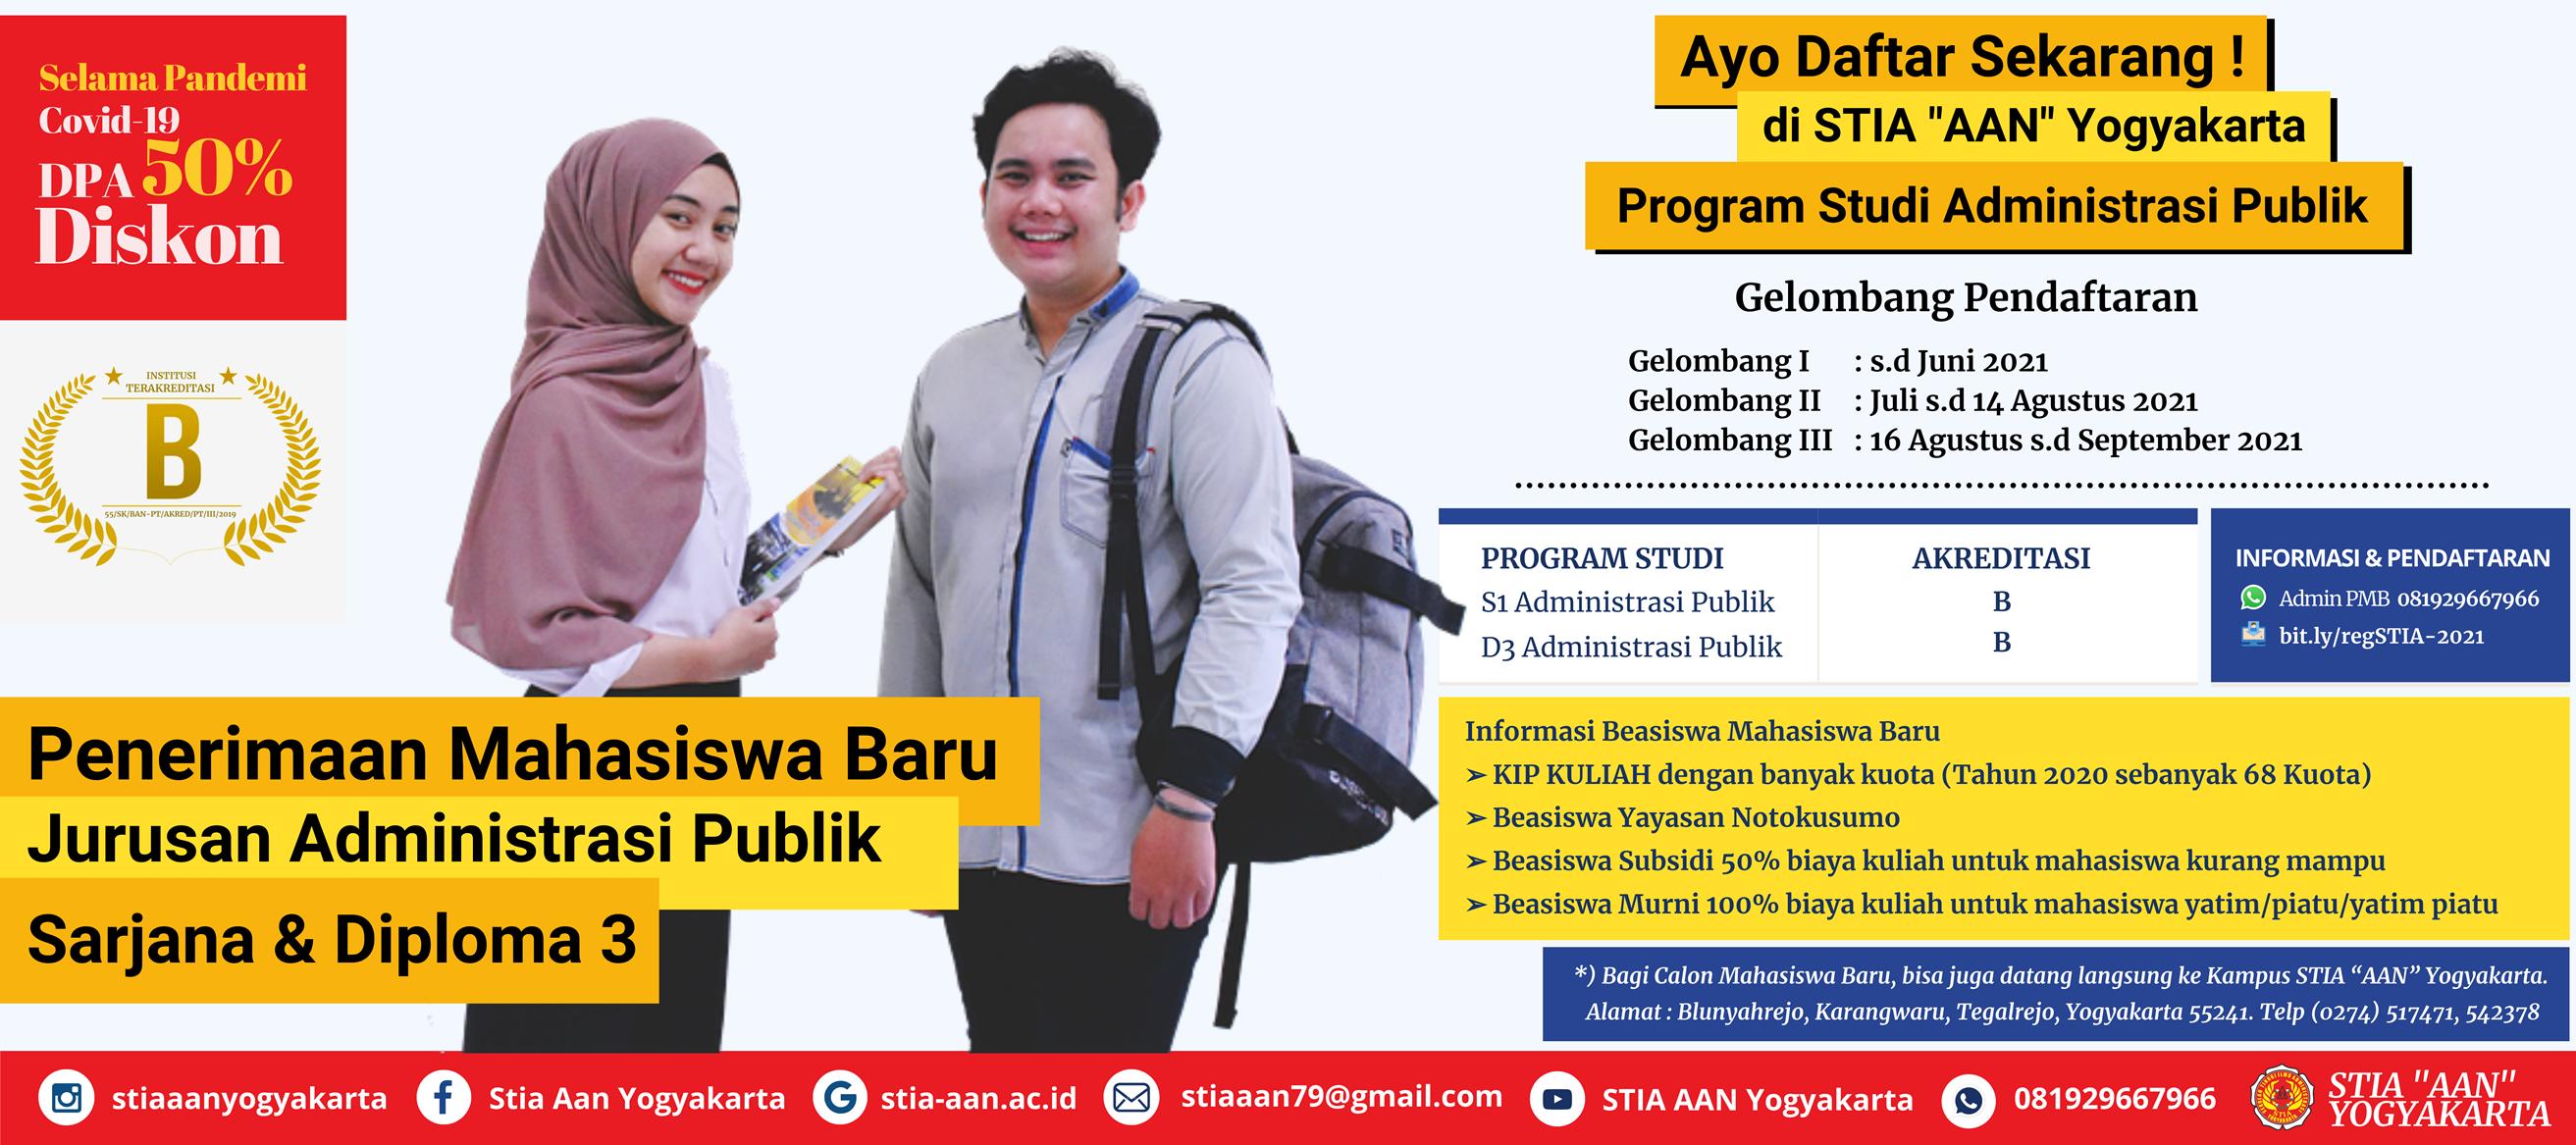 Pendaftaran Mahasiswa Baru (PMB) TA 2021/2022